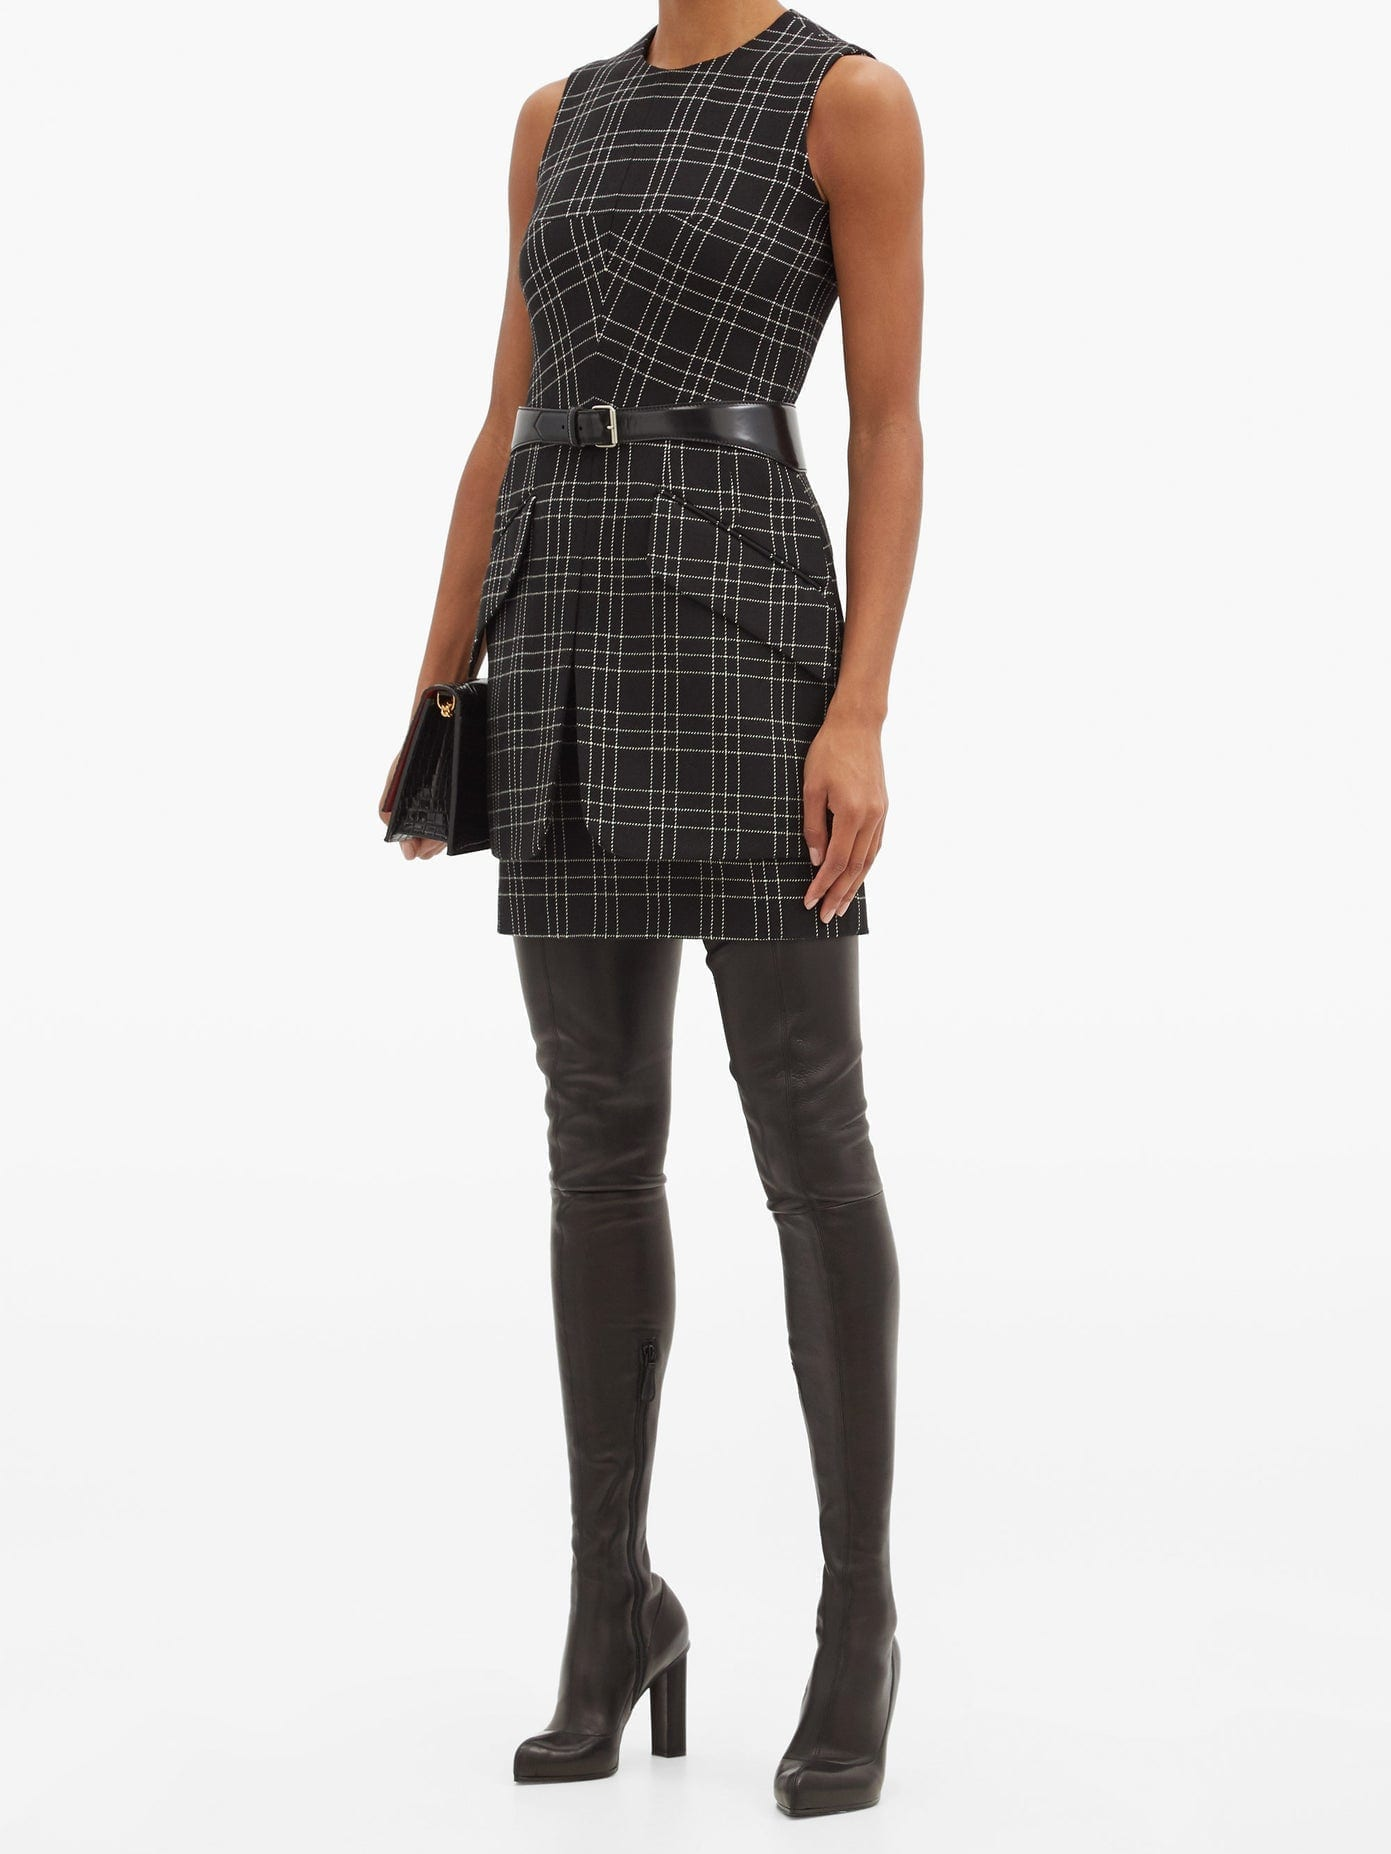 LEXANDER MCQUEEN Checked Virgin-wool Mini Dress